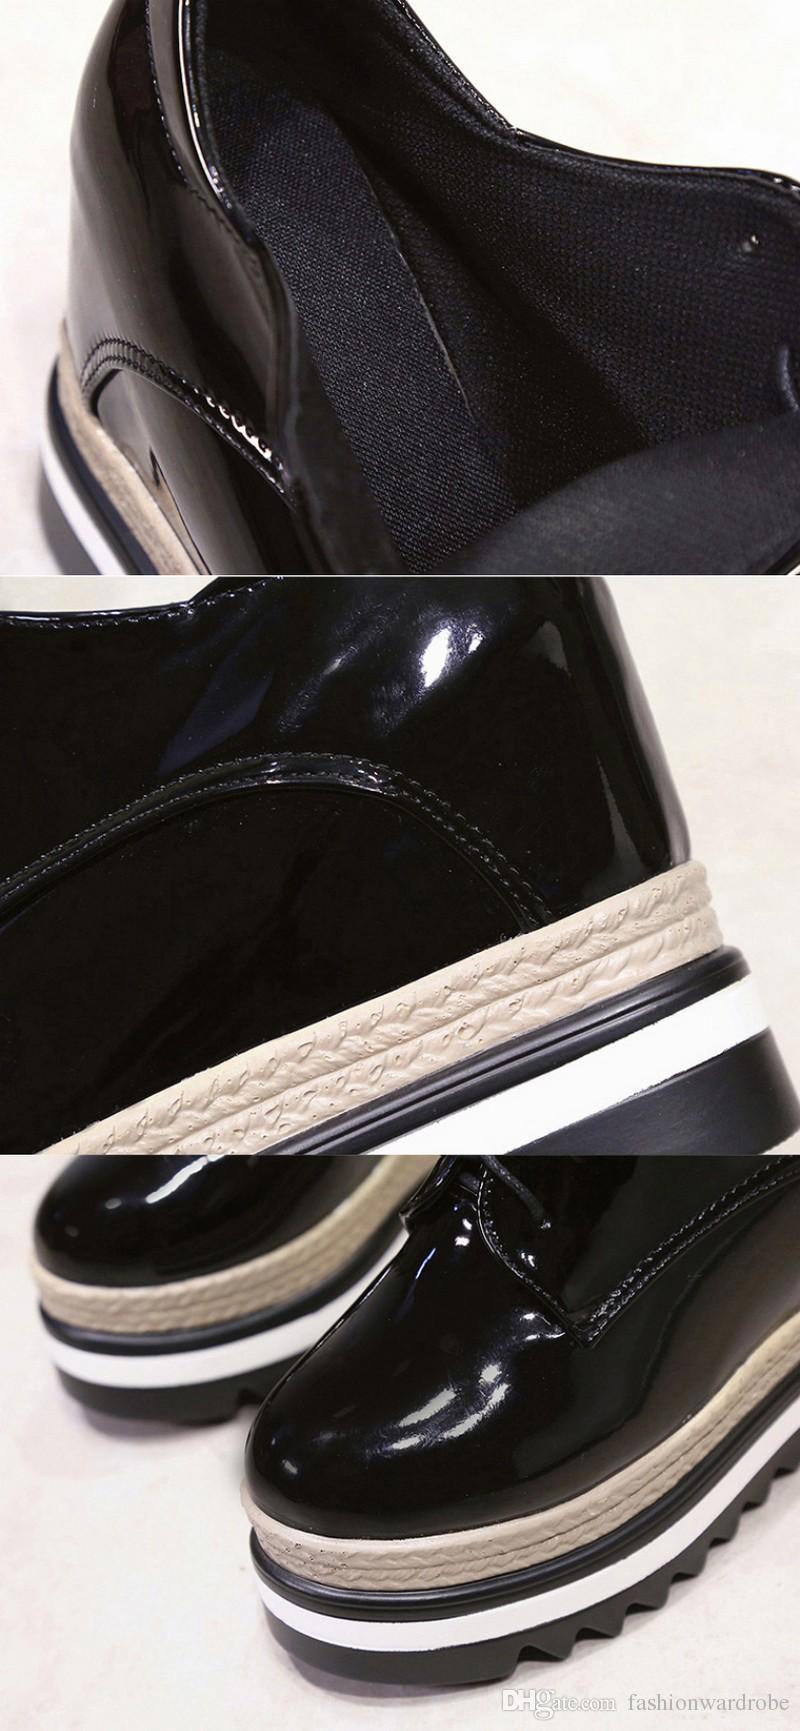 Rugan Dantel Kadar Takozlar Yüksek Topuklu Kadın 10 cm Deri Yüksek Topuklar Kama Ayakkabı Düğün Lüks Ayakkabı Kadın Tasarımcıları Kama Sneakers